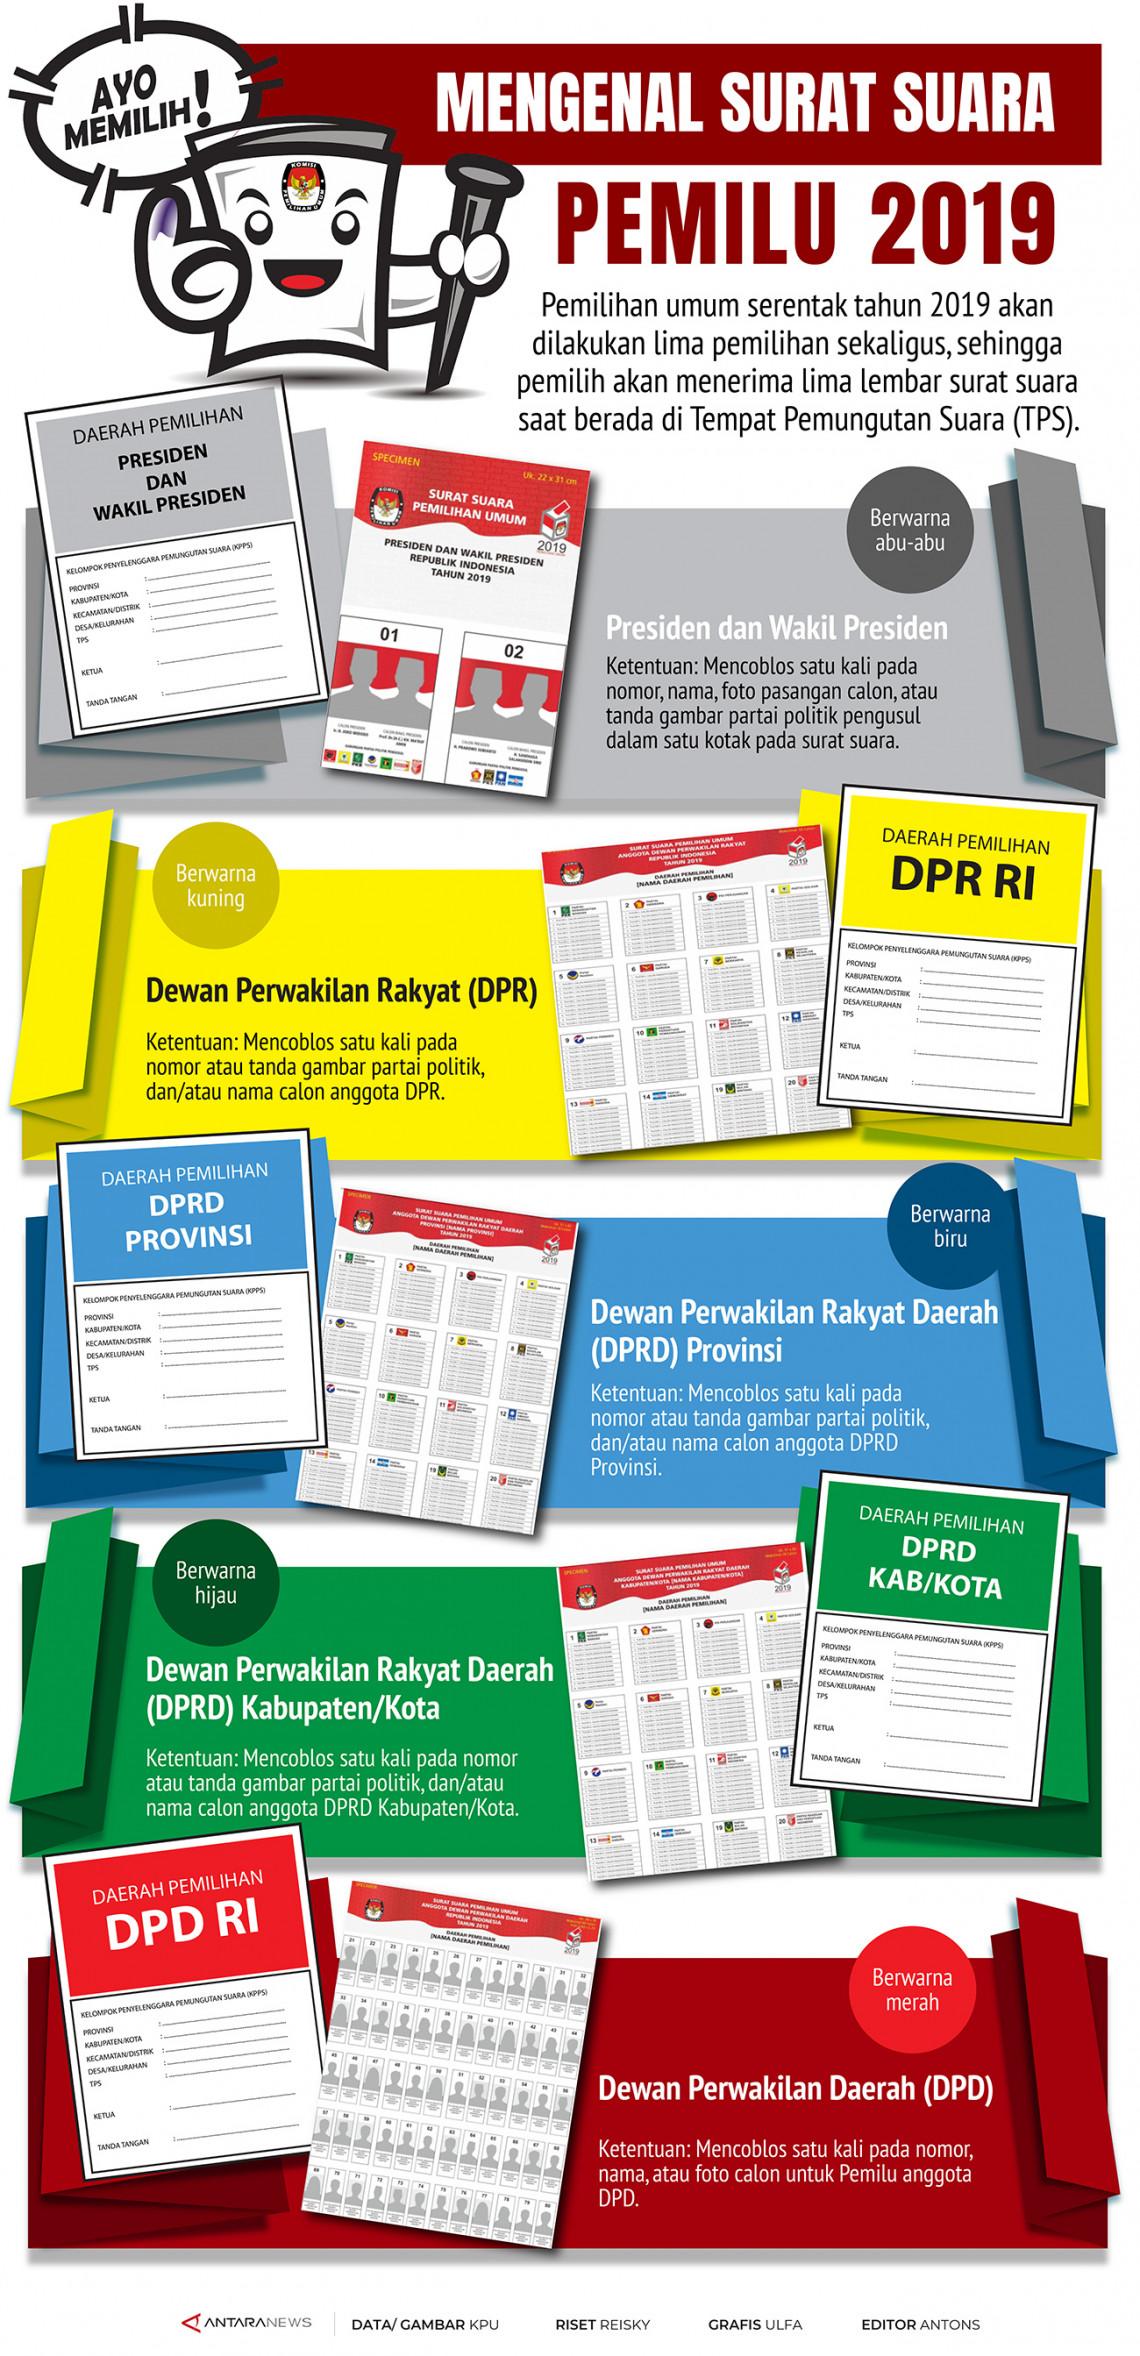 Mengenal Surat Suara Pemilu 2019 Acehimagecom